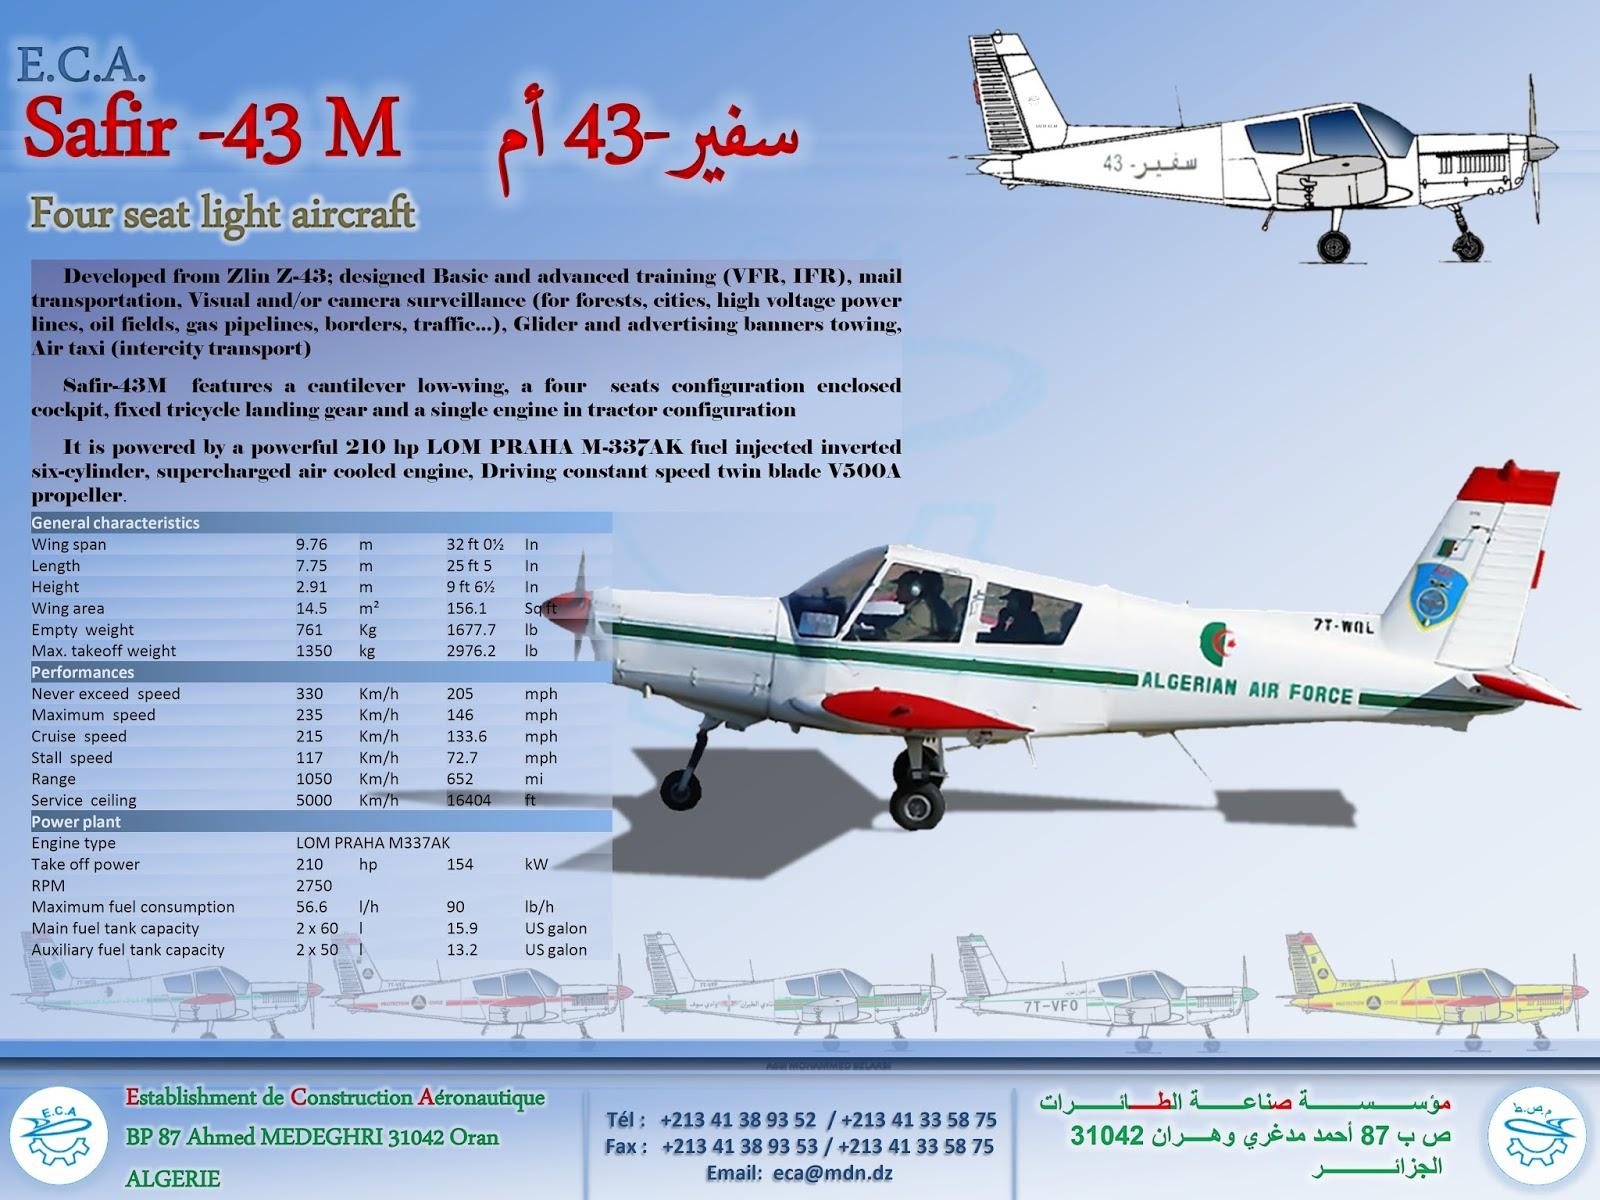 مؤسسة صناعة الطائرات من التركيب الى التصنيع بسواعد جزائرية 651446Safir43M